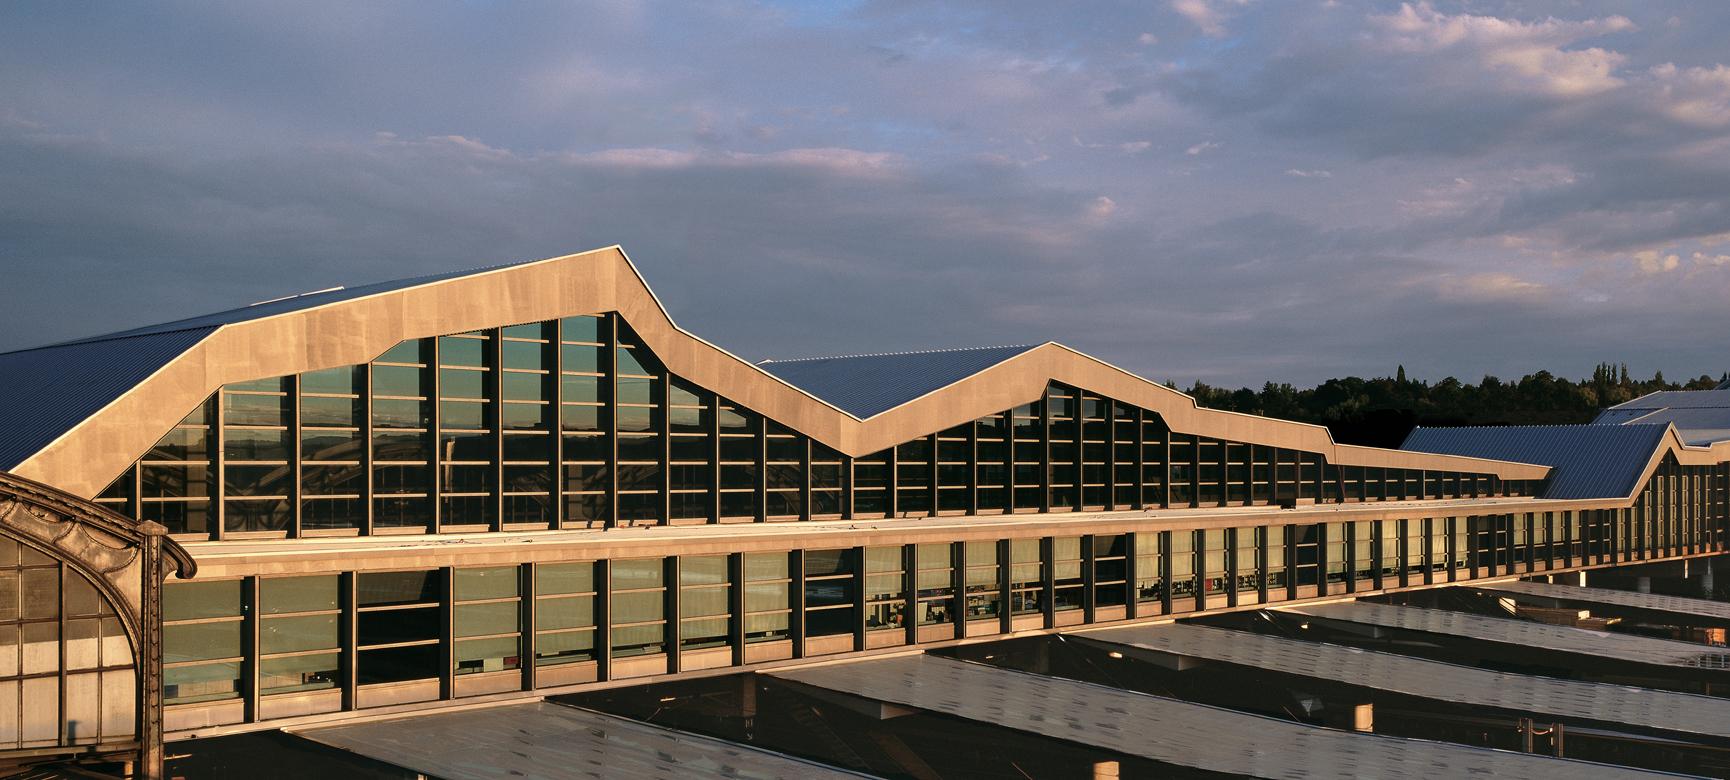 Estação Basilea / Cruz y Ortiz Arquitectos + Giraudi & Wettstein, © Duccio Malagamba Fotografía de Arquitectura